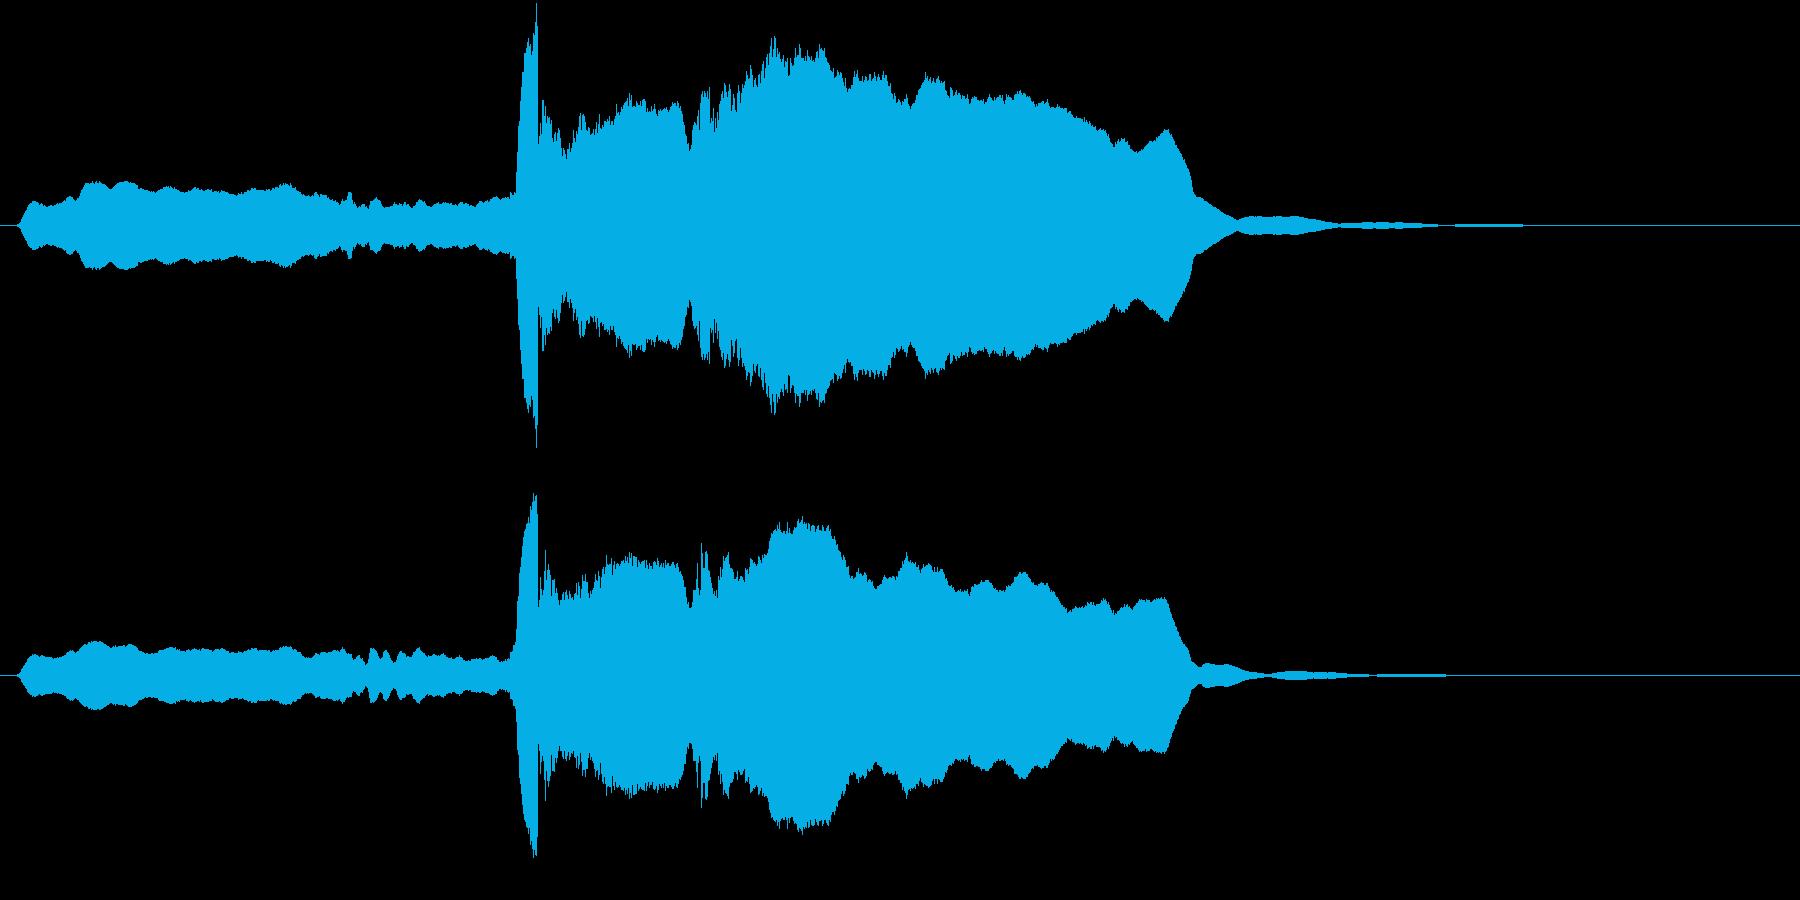 音侍SE「尺八フレーズ1」エニグマ音06の再生済みの波形